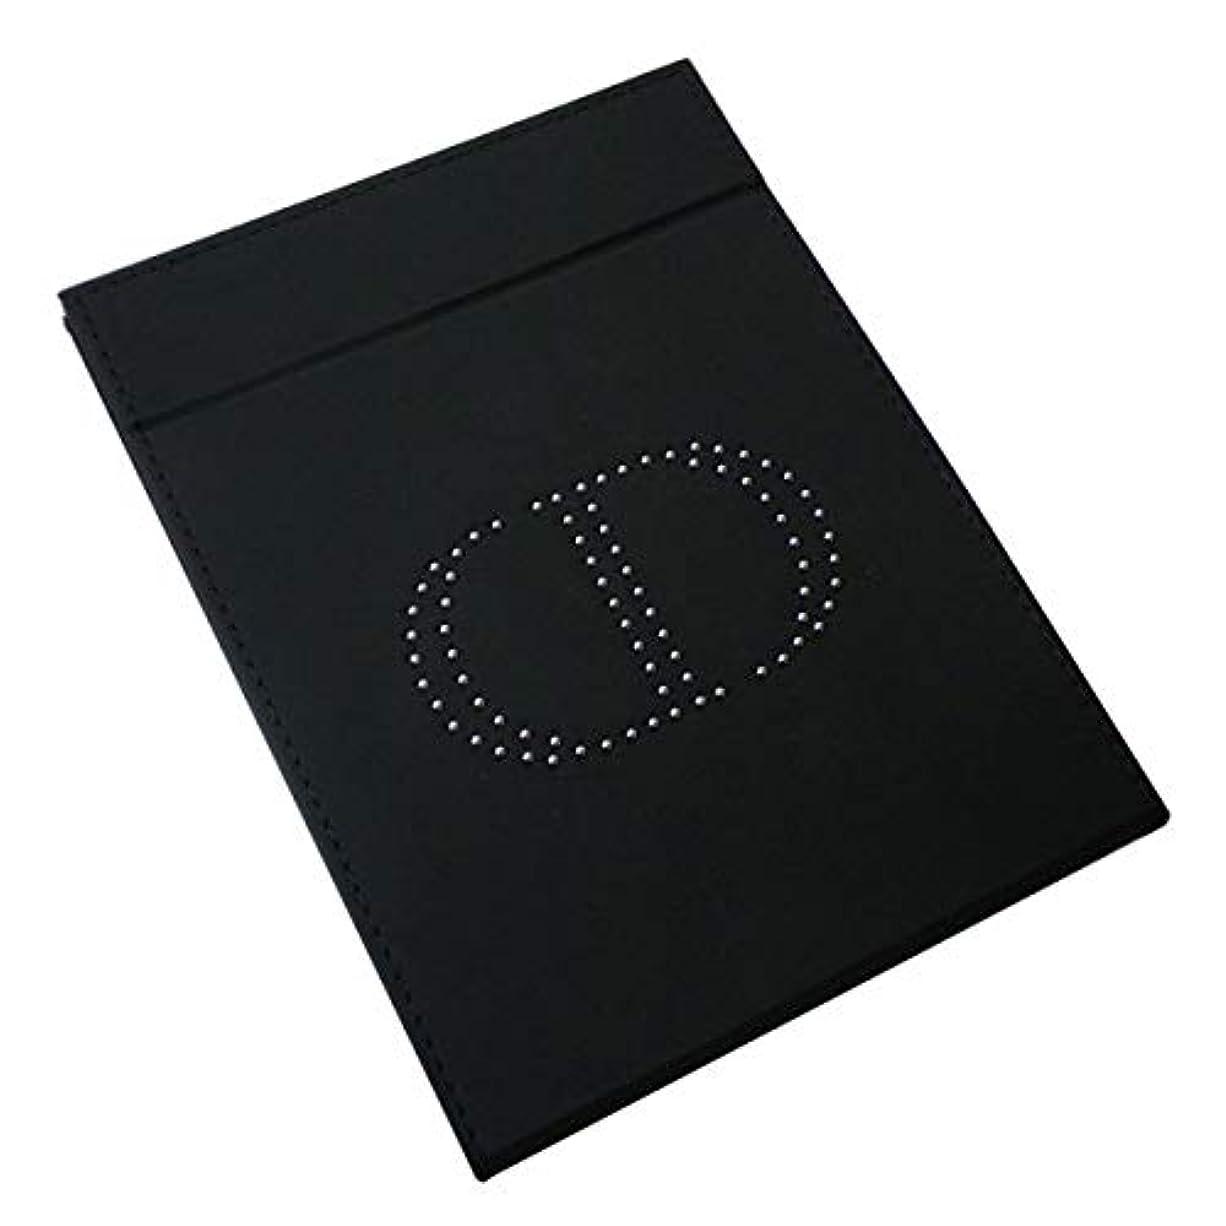 頬骨粘着性魚Dior ディオール スタンドミラー ミラー 鏡 ロゴ イブサンローラン 桃 ピンク黒 ブラック 化粧 メイク コスメ (ブラック)